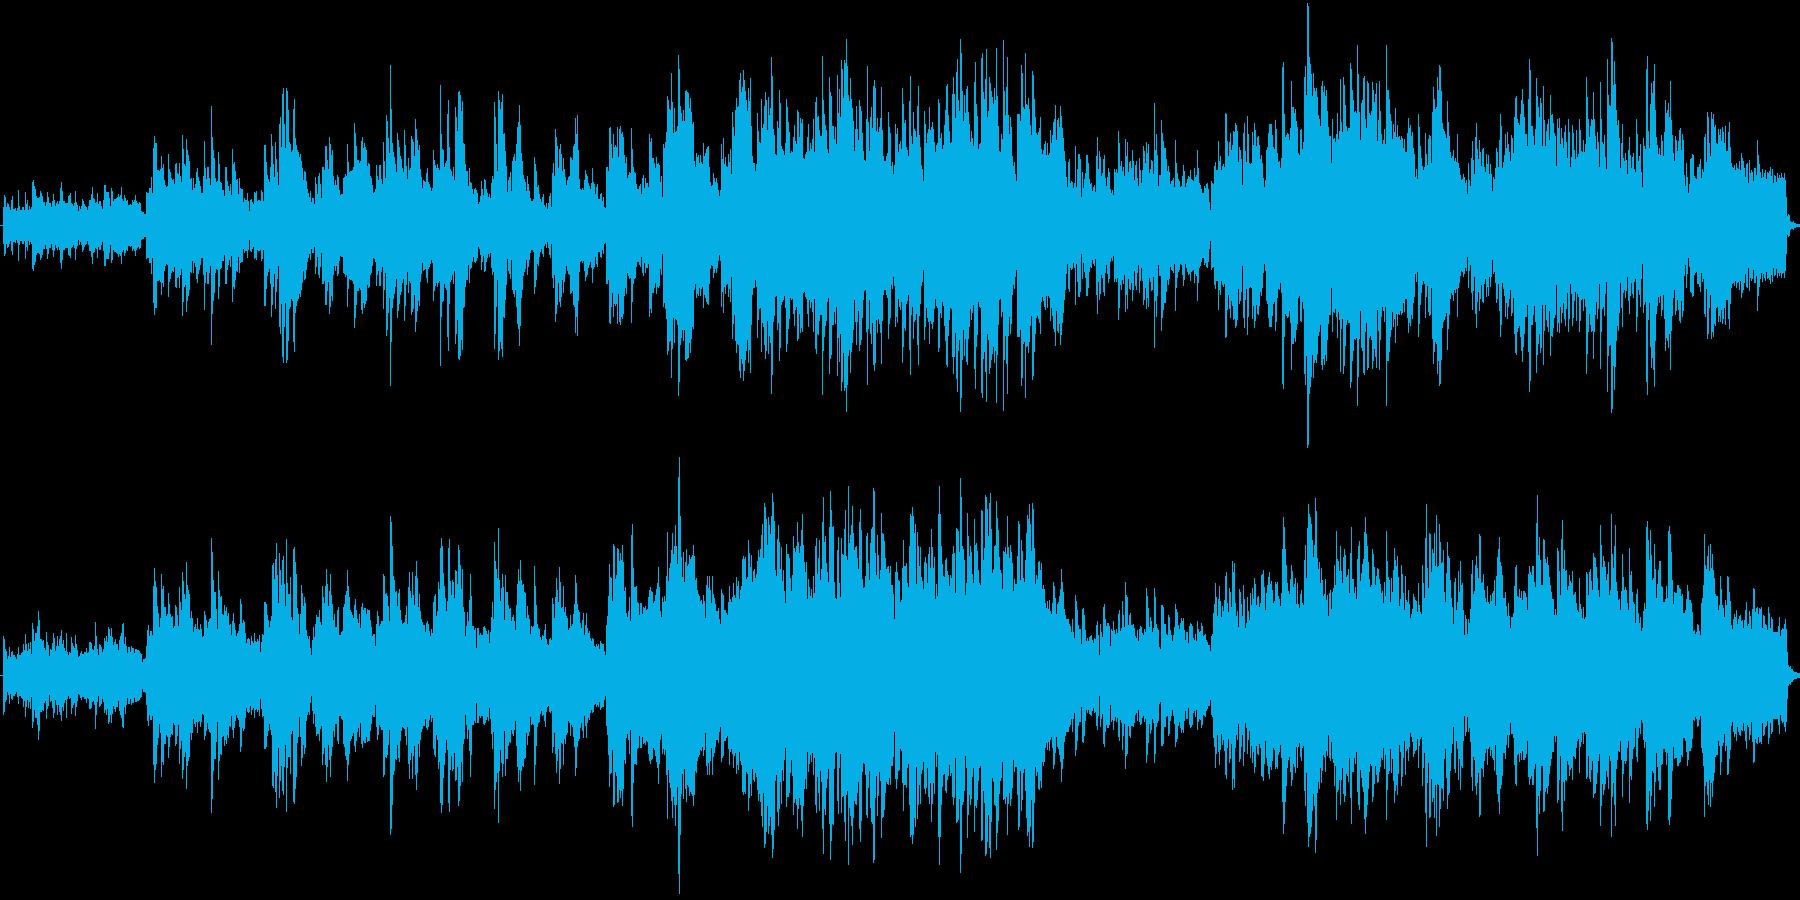 ピアノが優しく響く明るいオーケストラ曲の再生済みの波形